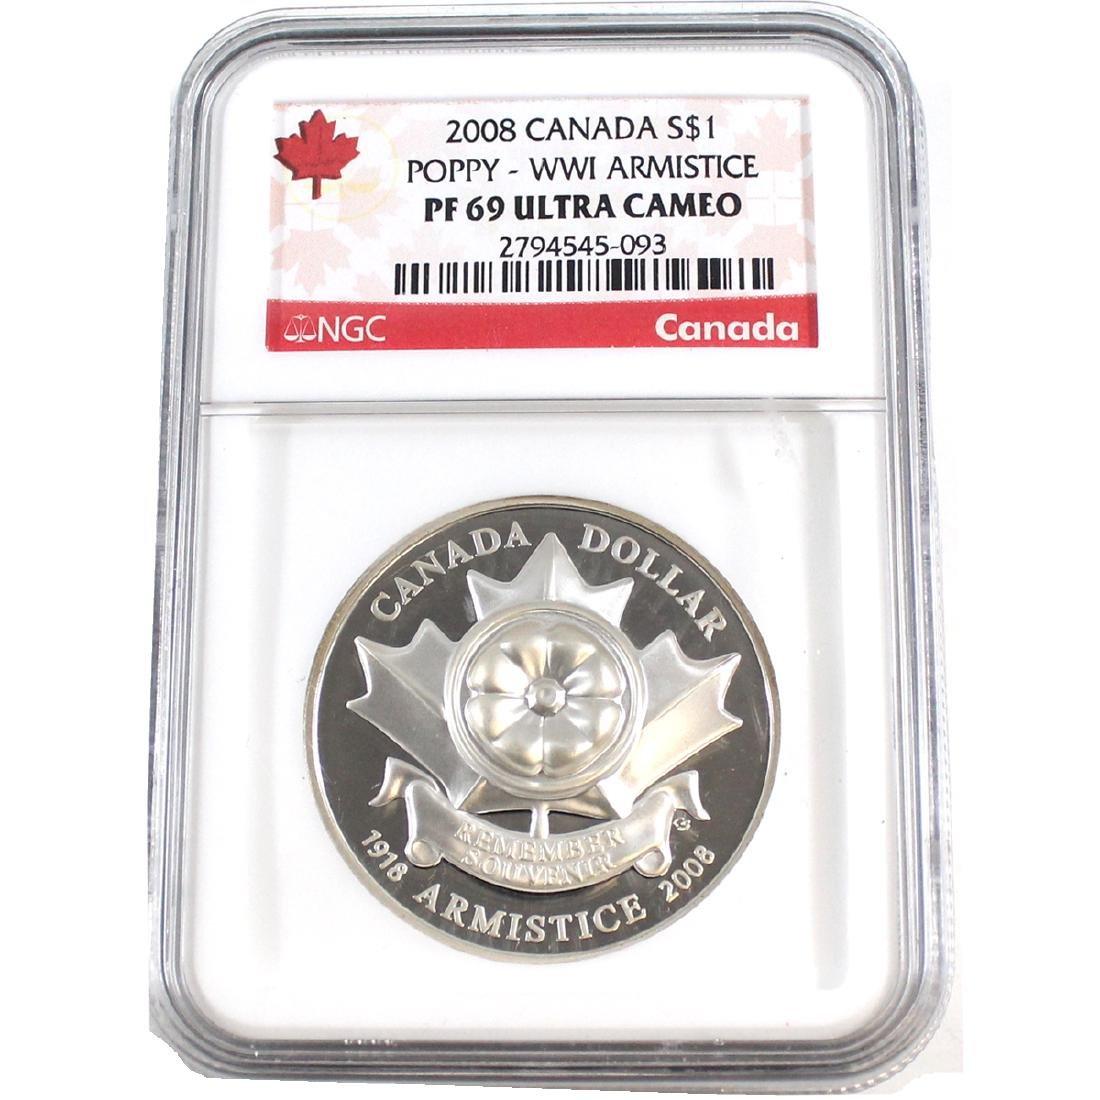 2008 Canada $1 Poppy WWI Armistice NGC Certified PF-69